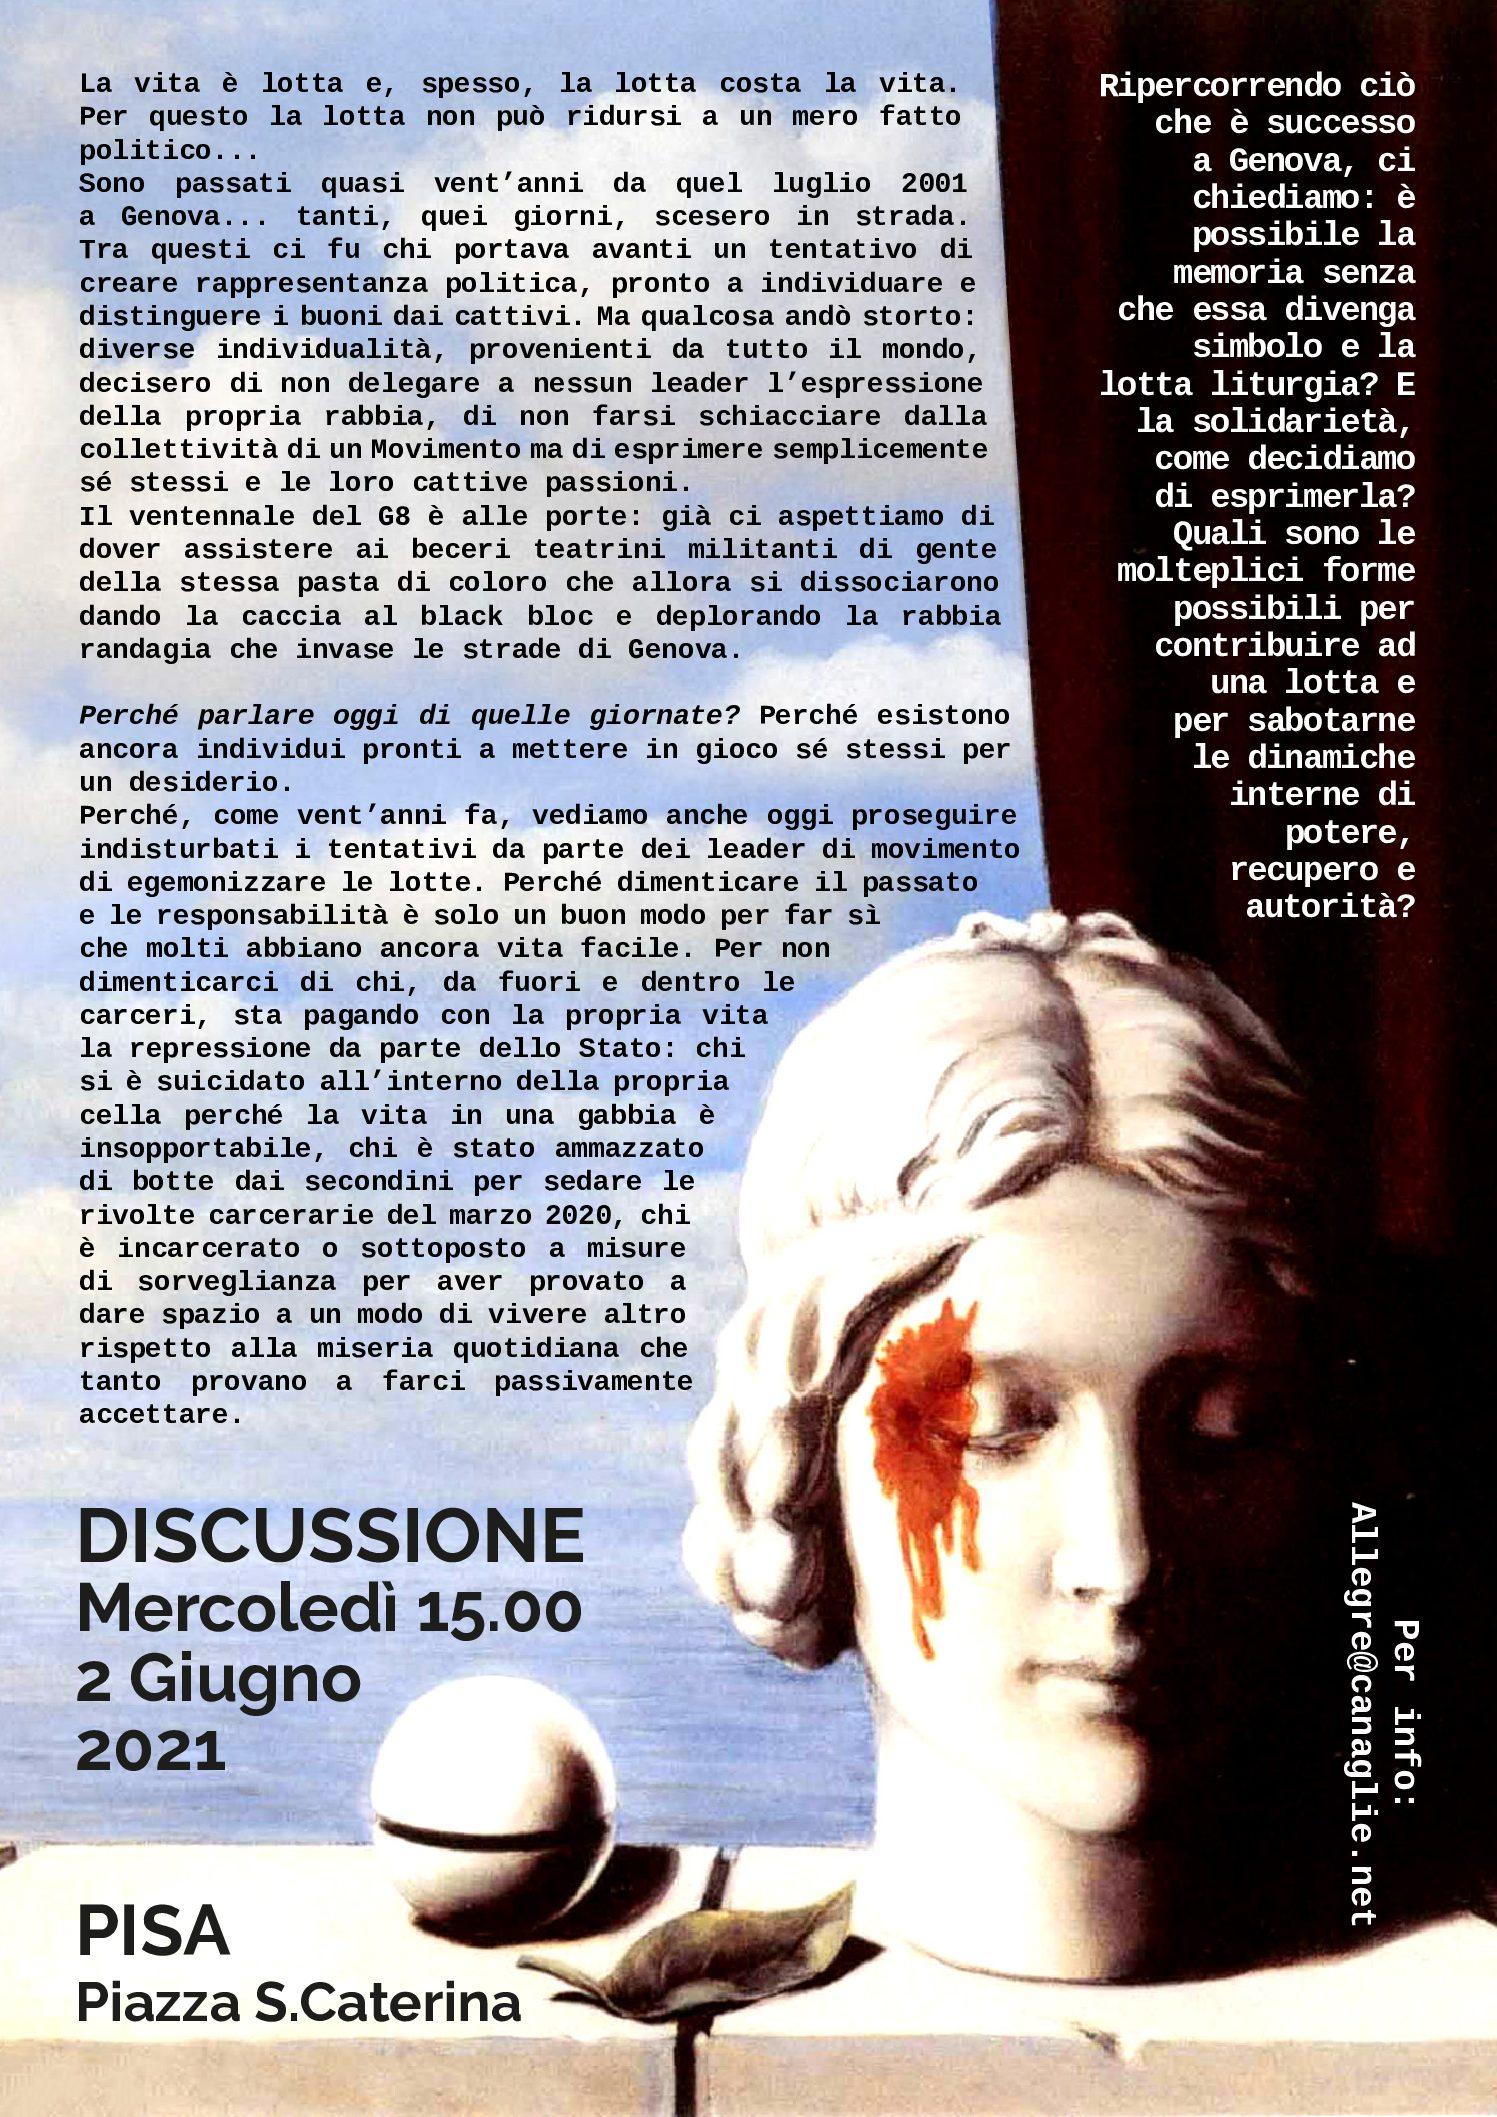 Pisa: Discussione sul G8 di Genova 2001-[02.06]